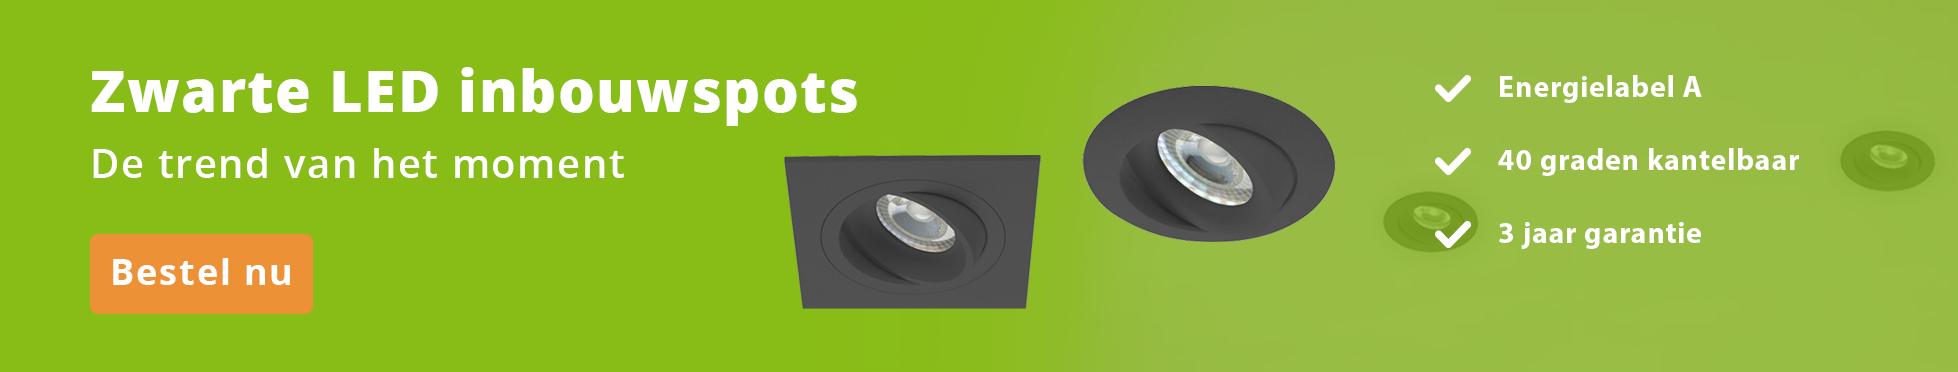 Zwarte LED Inbouwspots